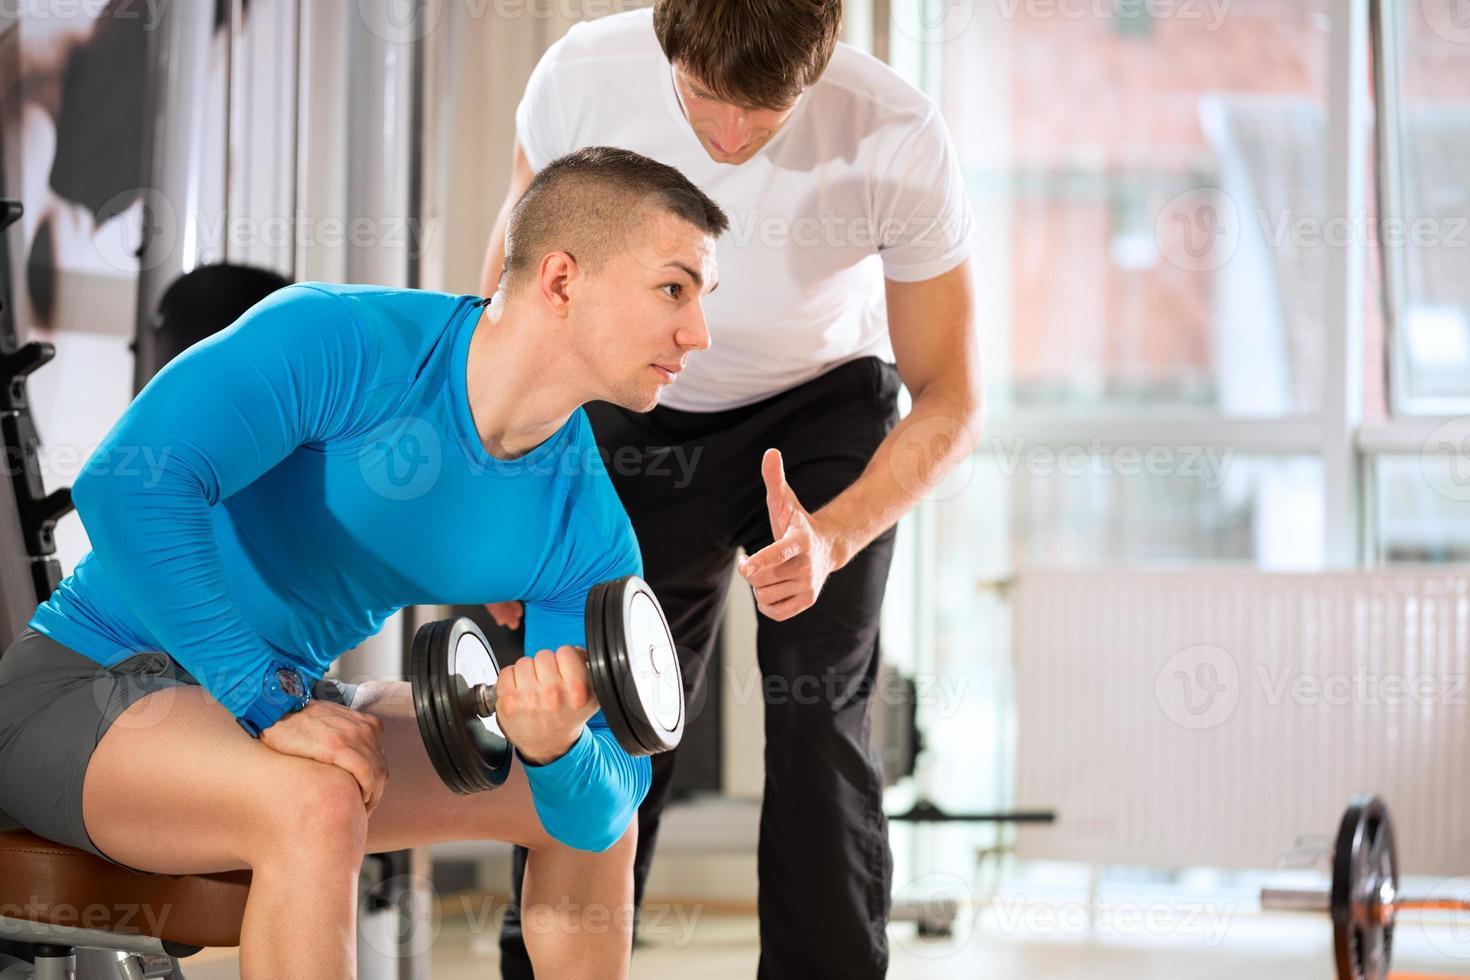 homme, poids, levage, entraîneur photo